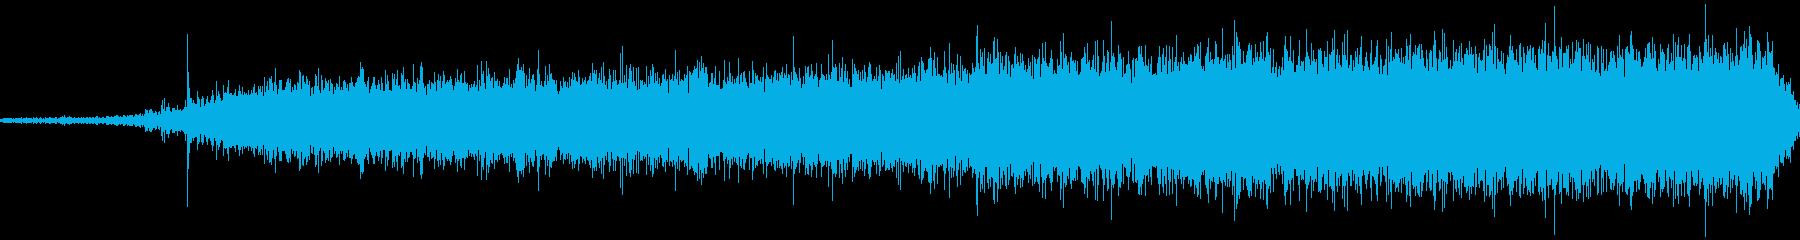 水の消火剤の噴出; DIGIFFE...の再生済みの波形